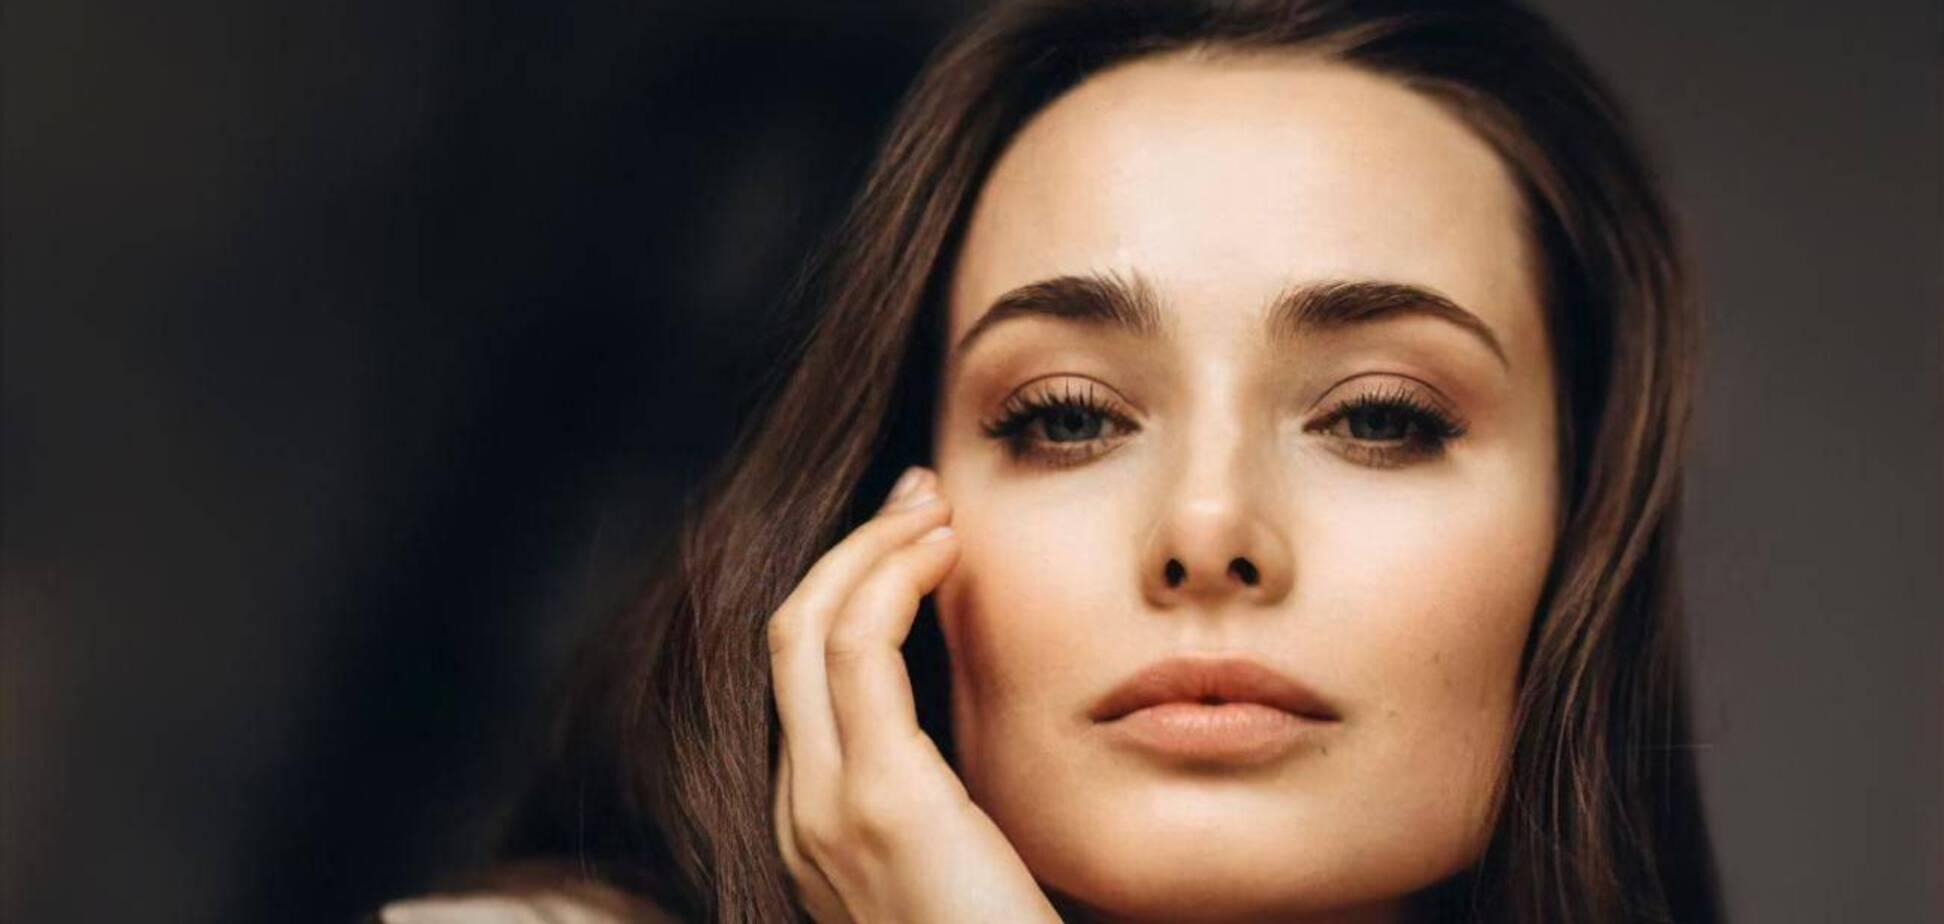 Ксения Мишина рассказала, чего ждет от мужчин